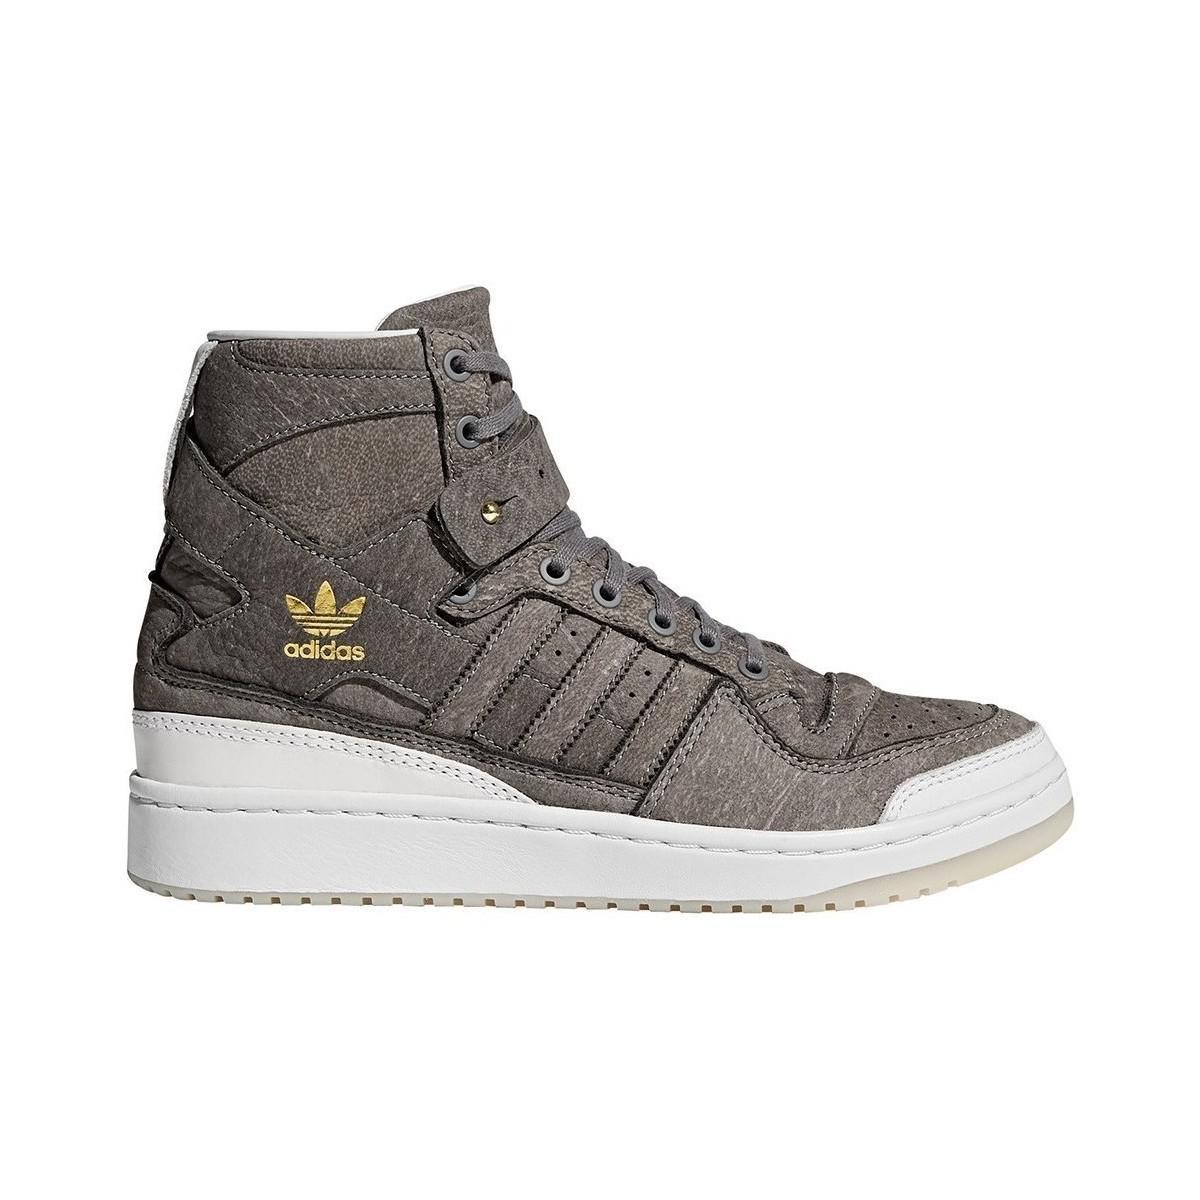 adidas forum ciao (scarpe da uomo (high top formatori) in grigio